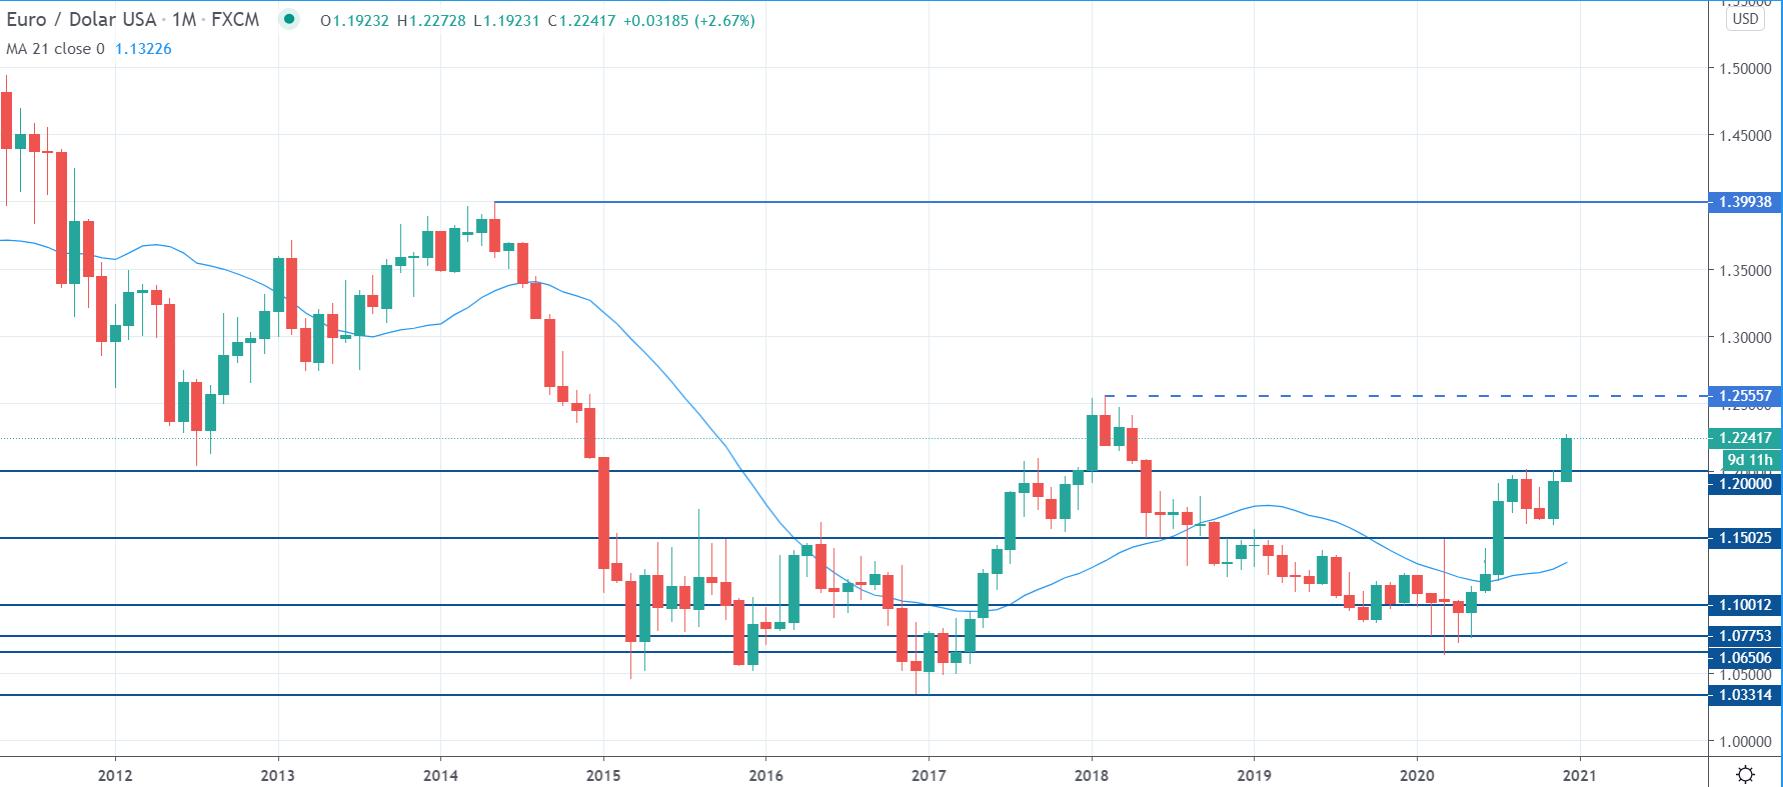 Kurs EURUSD na interwale miesięcznym, tradingview